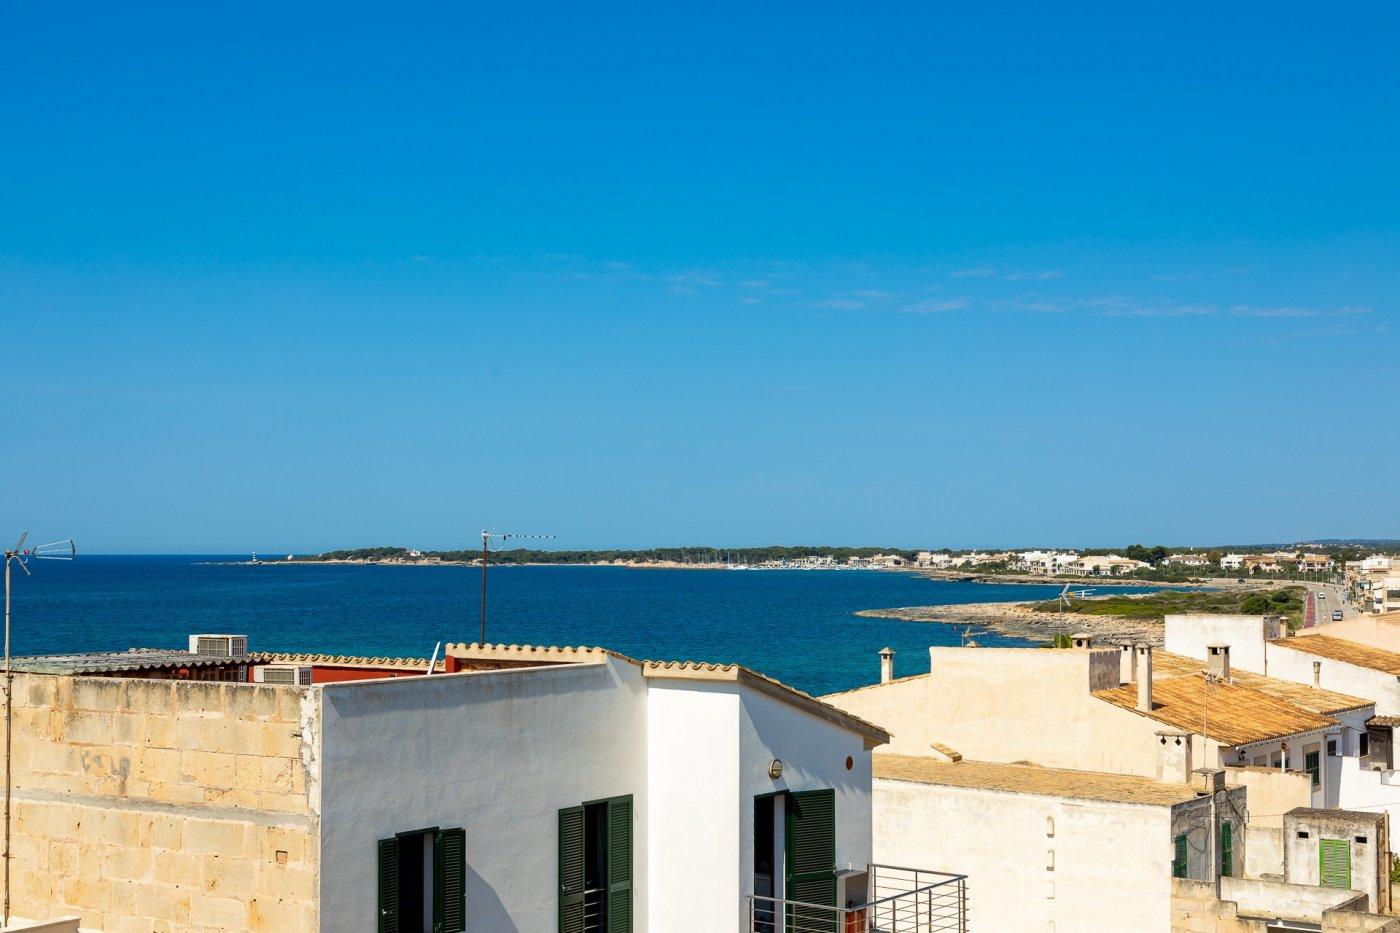 Piso con vistas al mar en sa rápita - imagenInmueble3